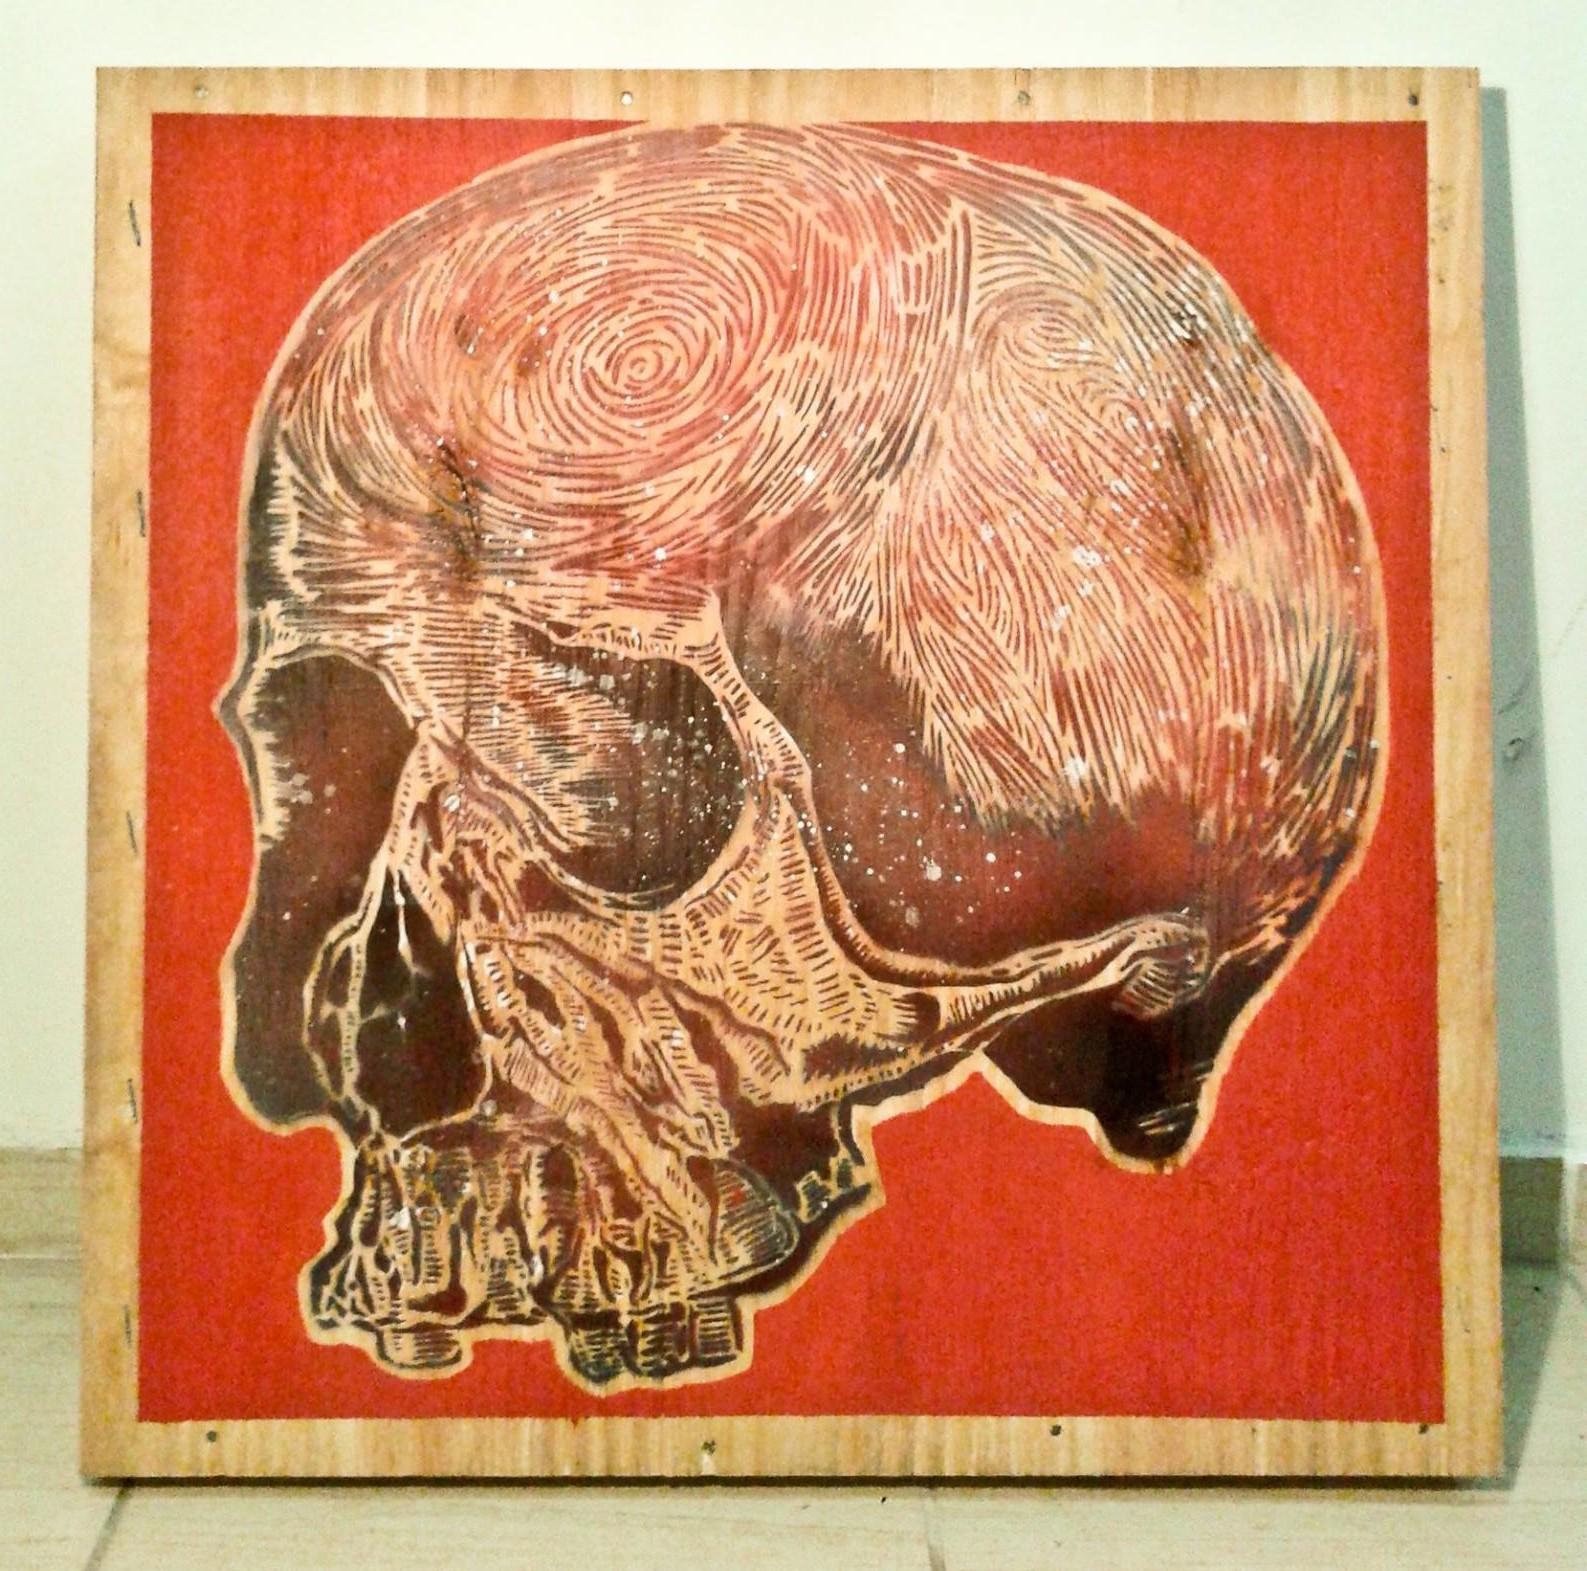 tom-pina-stencil-dionisio-arte-14